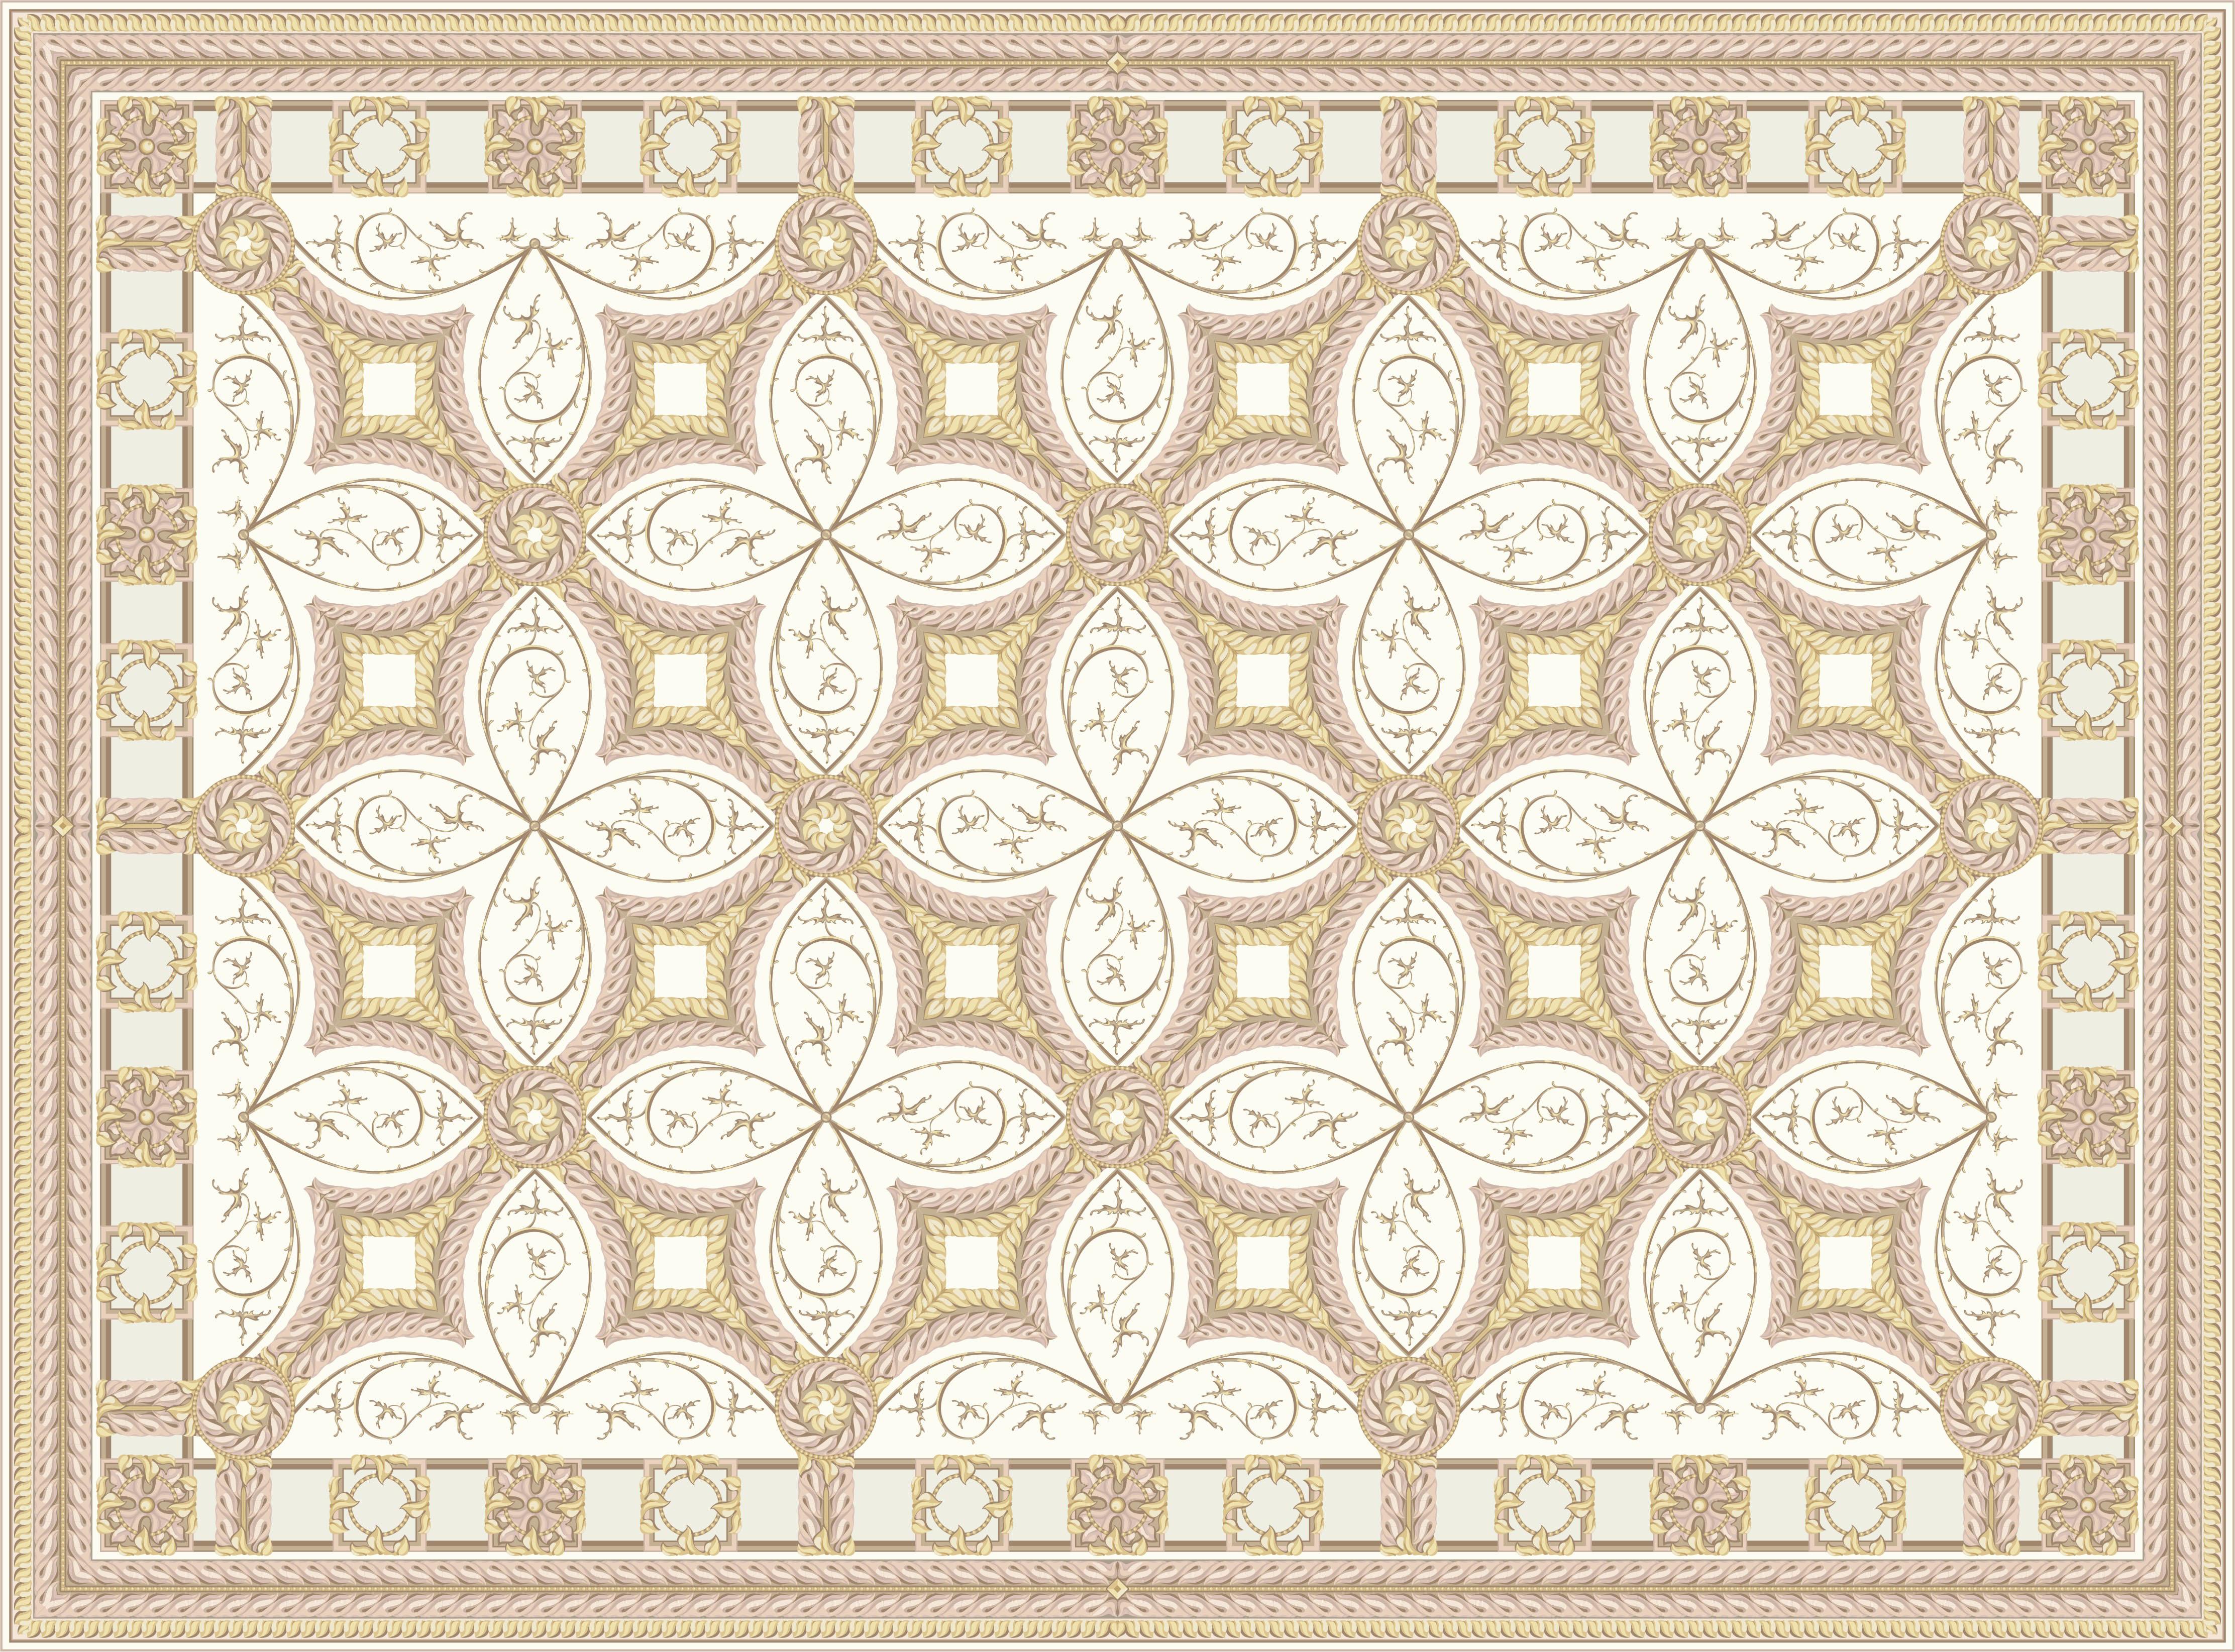 Carpet Design Ornamental 2010 2mariagladchenkoyahoo Gladchenko